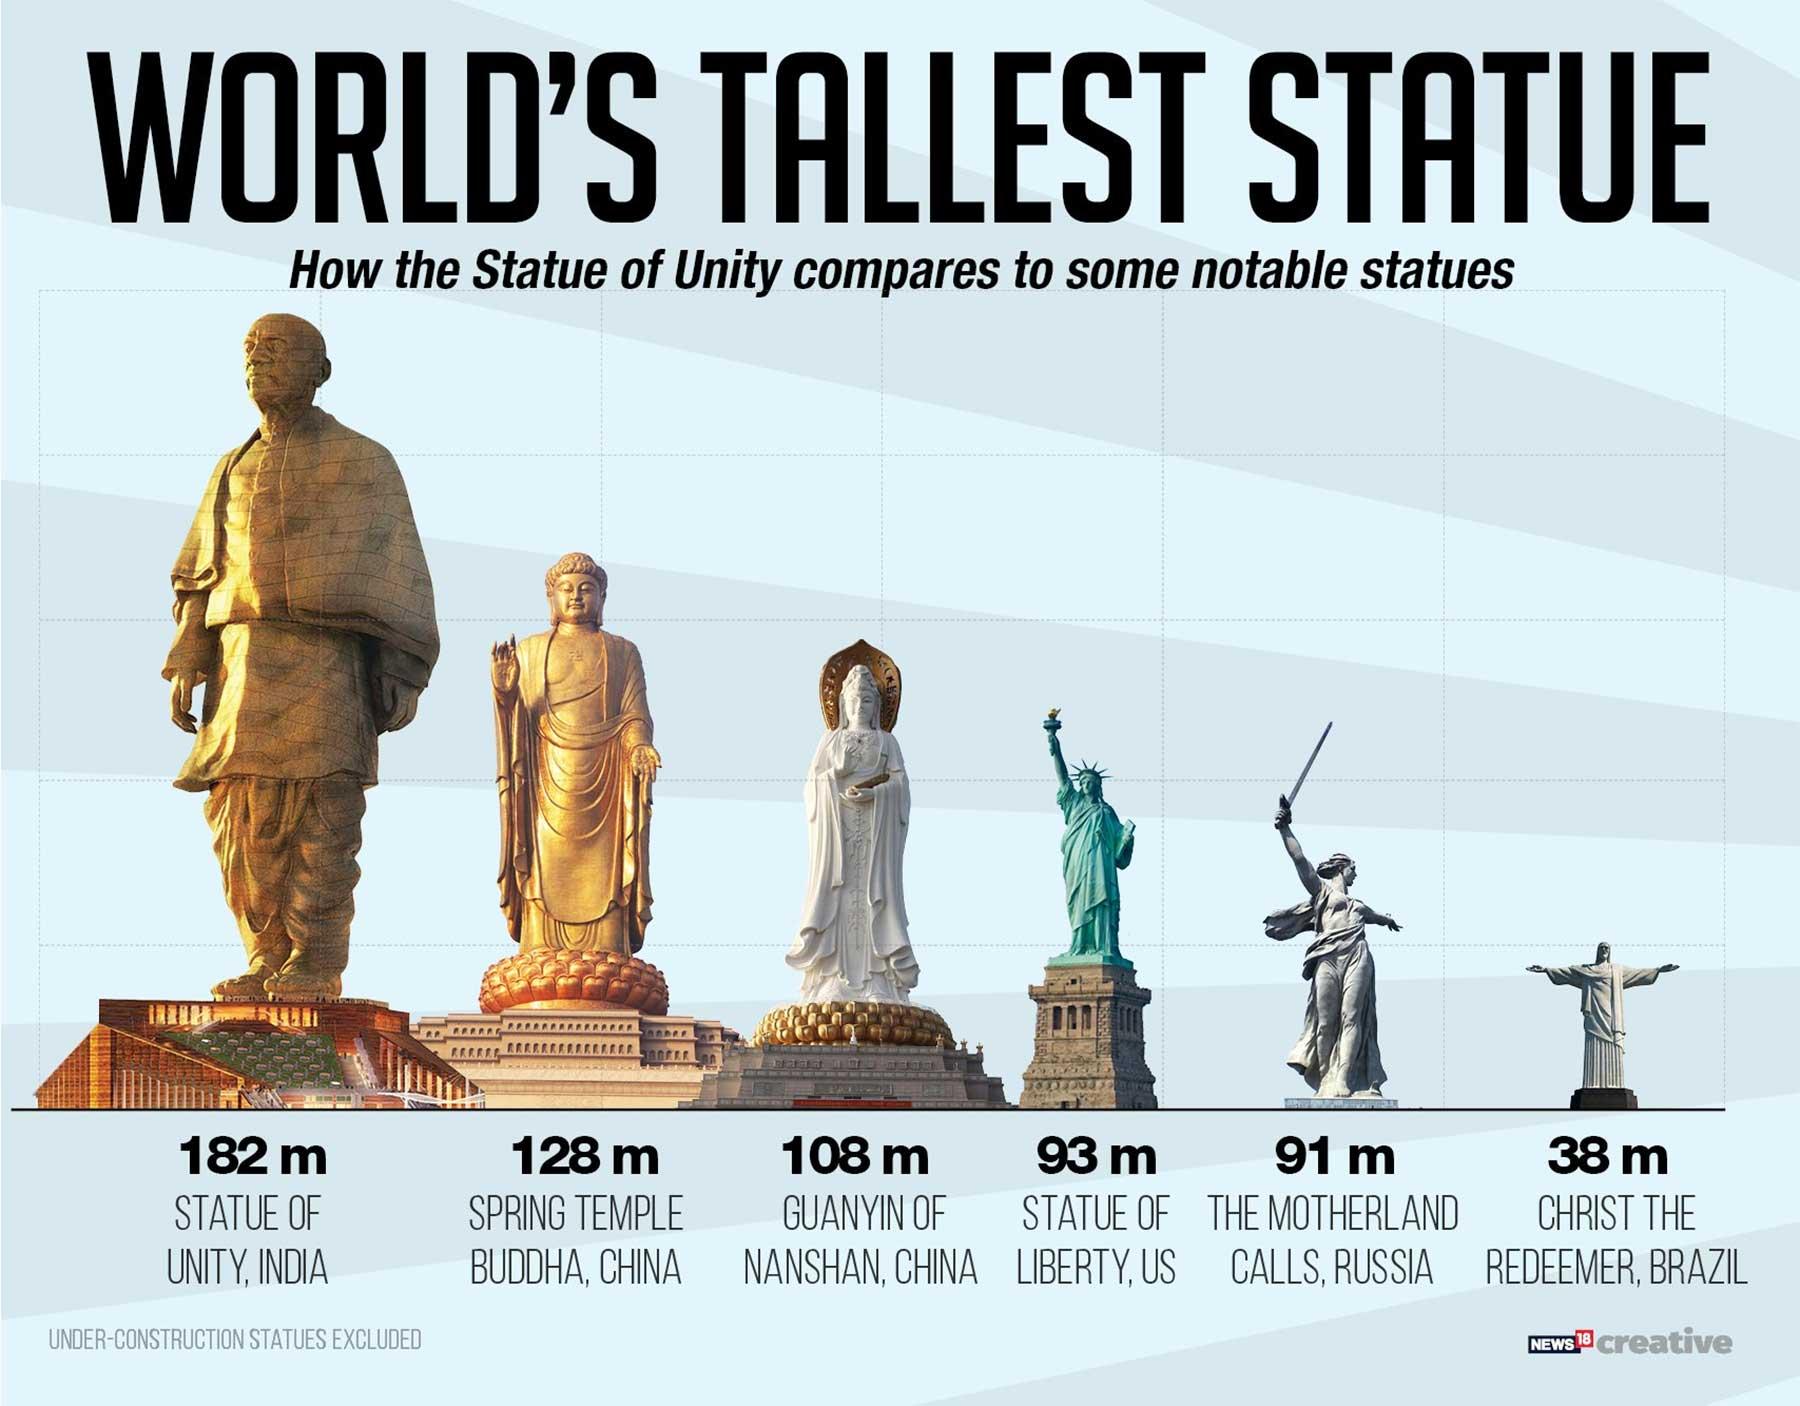 In Indien steht jetzt die größte Statue der Welt groesste-statue-der-welt-statue-of-unity_03